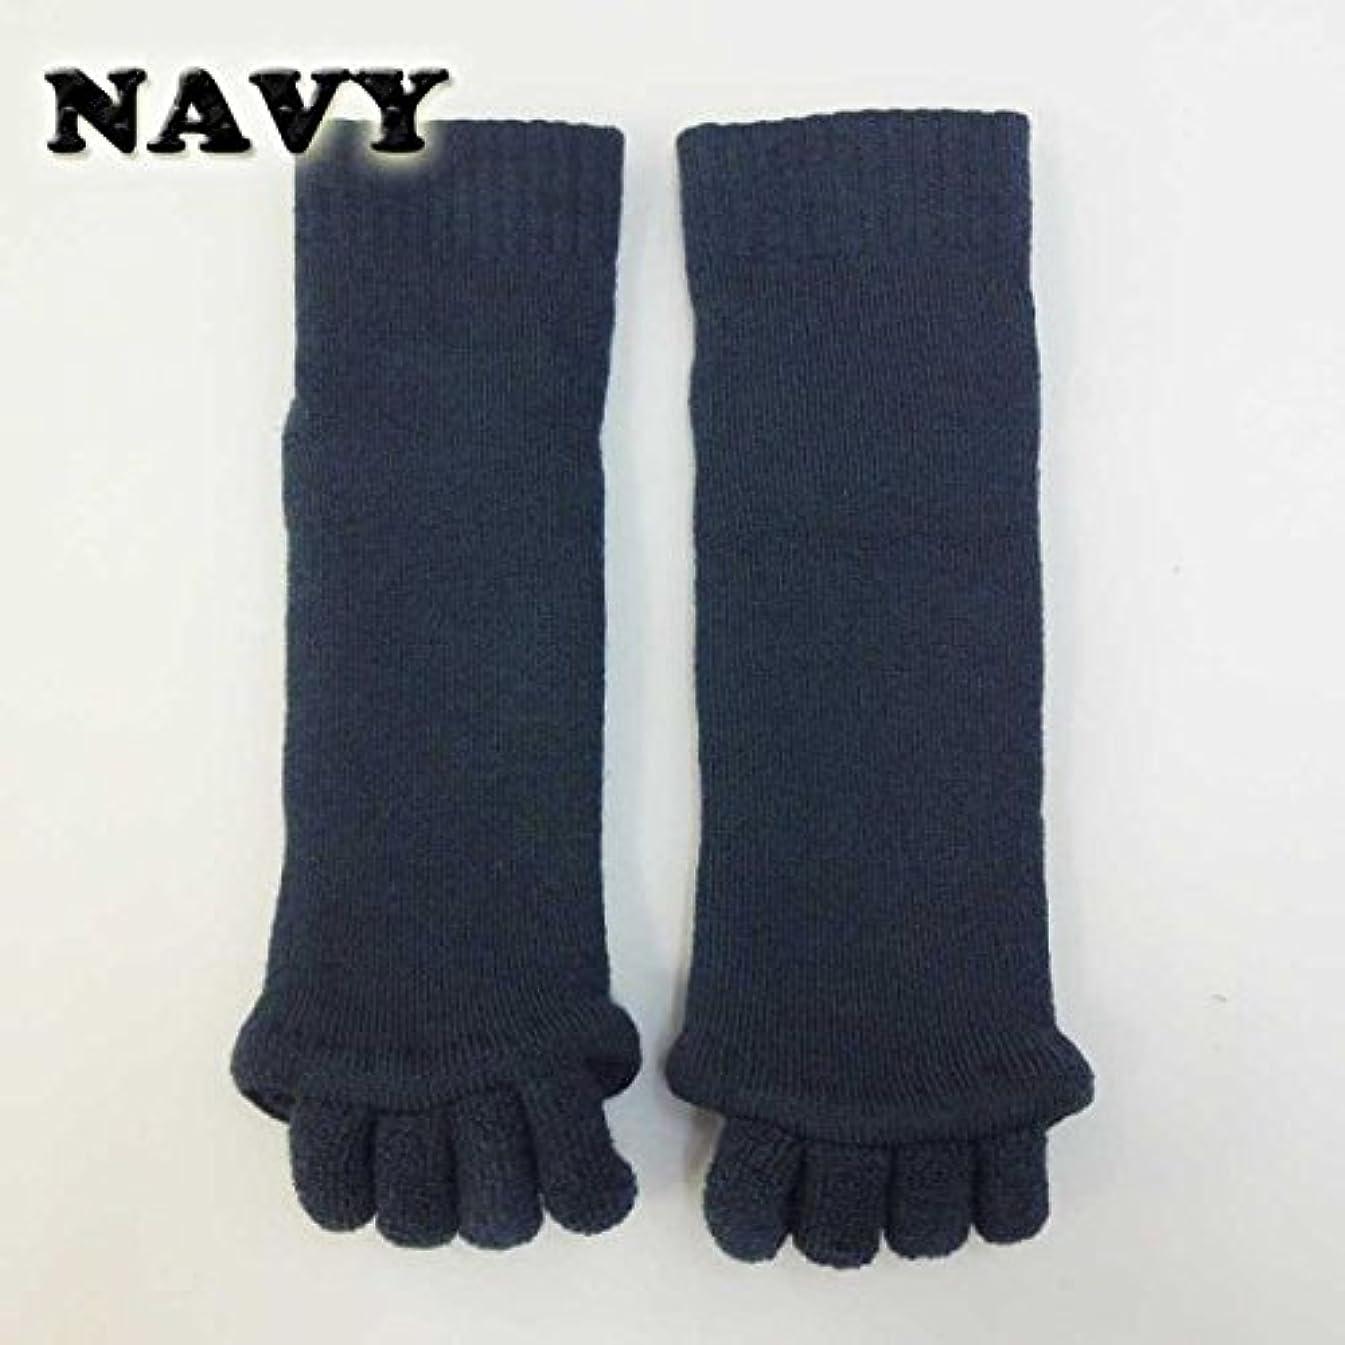 キャッシュ幾分困惑する足指開きソックス (左右1組) 履くだけ 簡単 フットケア リラックス むくみ (ネイビー)